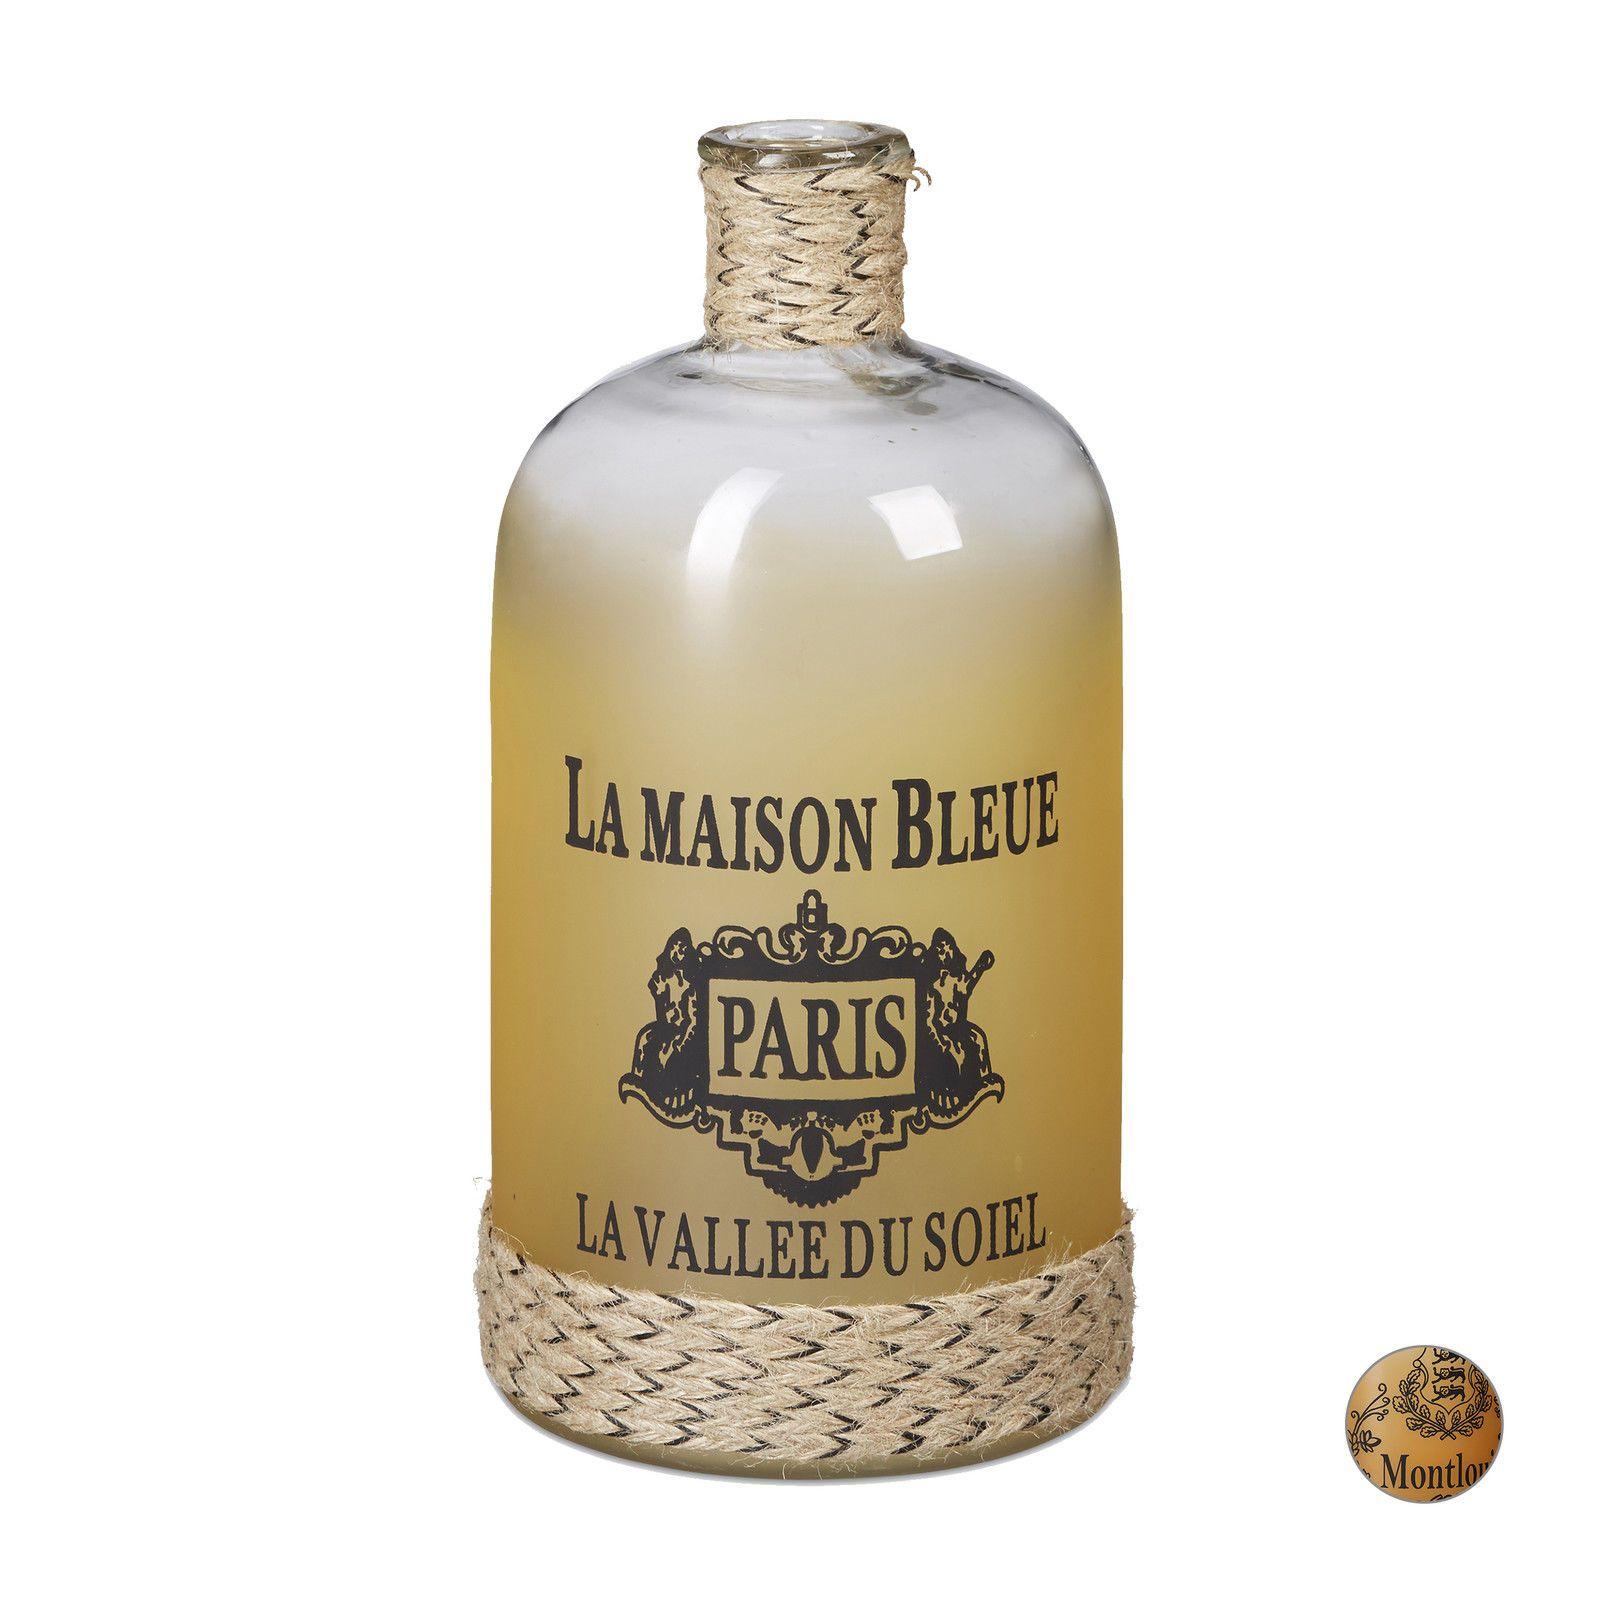 dekoflasche bodenvase glas flasche gro kordel flaschenvase standvase vintage ebay design. Black Bedroom Furniture Sets. Home Design Ideas